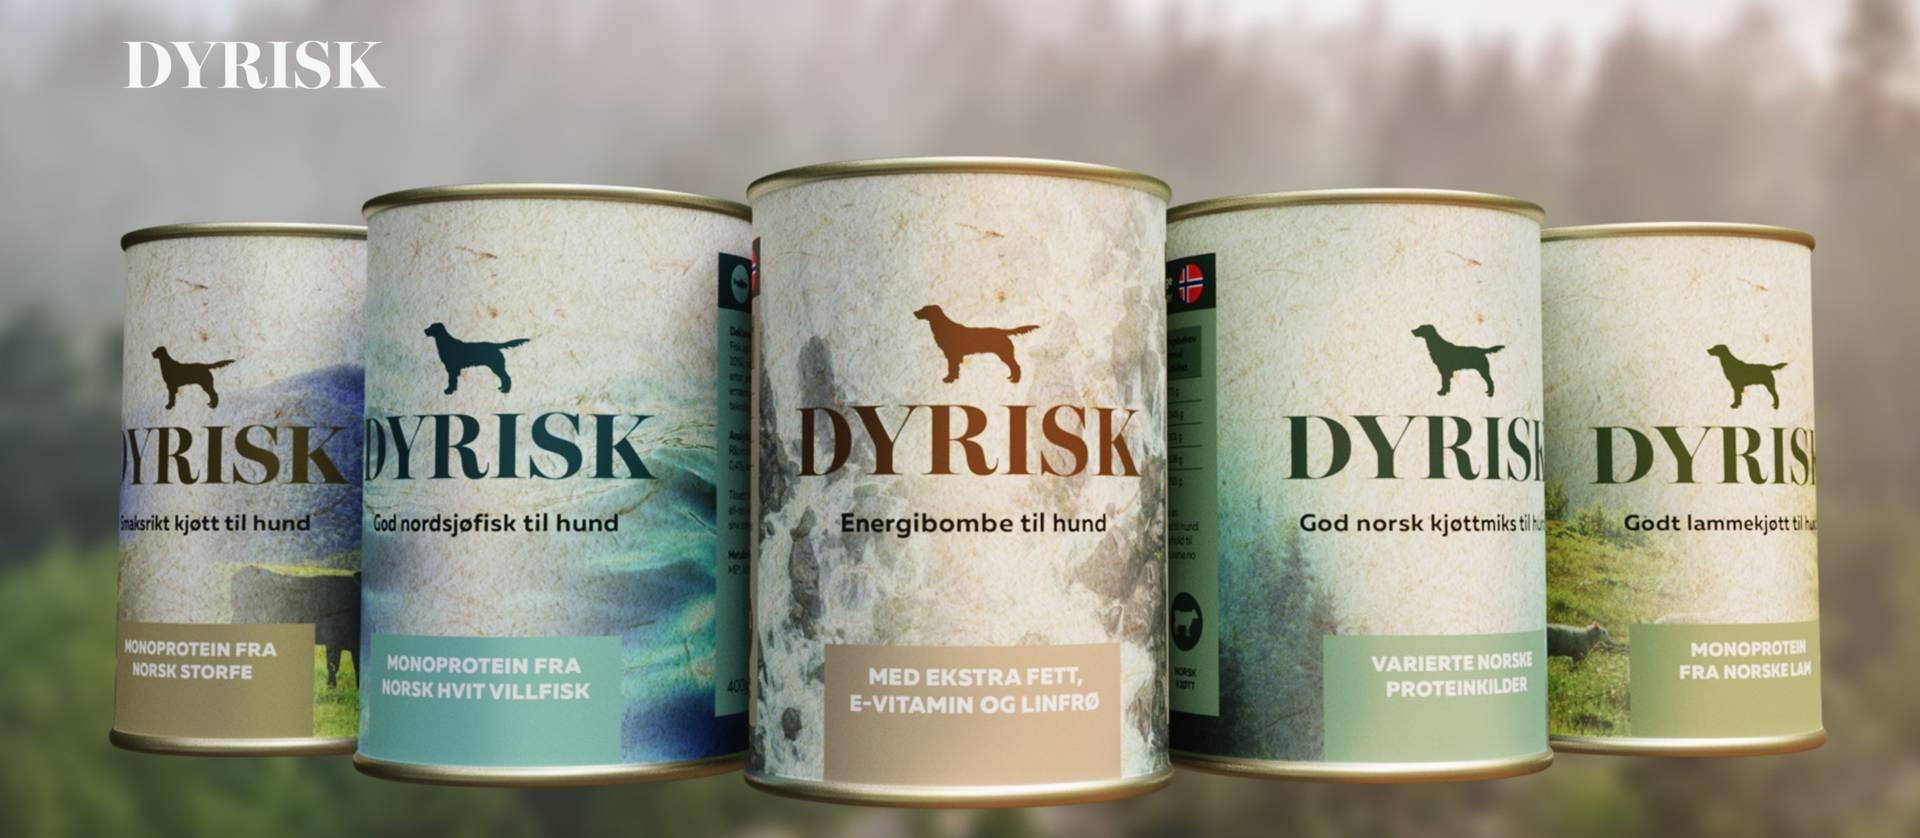 våtfor hund, produsert med norske råvarer, produsert i norge, høy kvalitets våtfor til hund, våtfor til hund med fisk, våtfor til hund med lam, våtfor til hund engergi bombe,